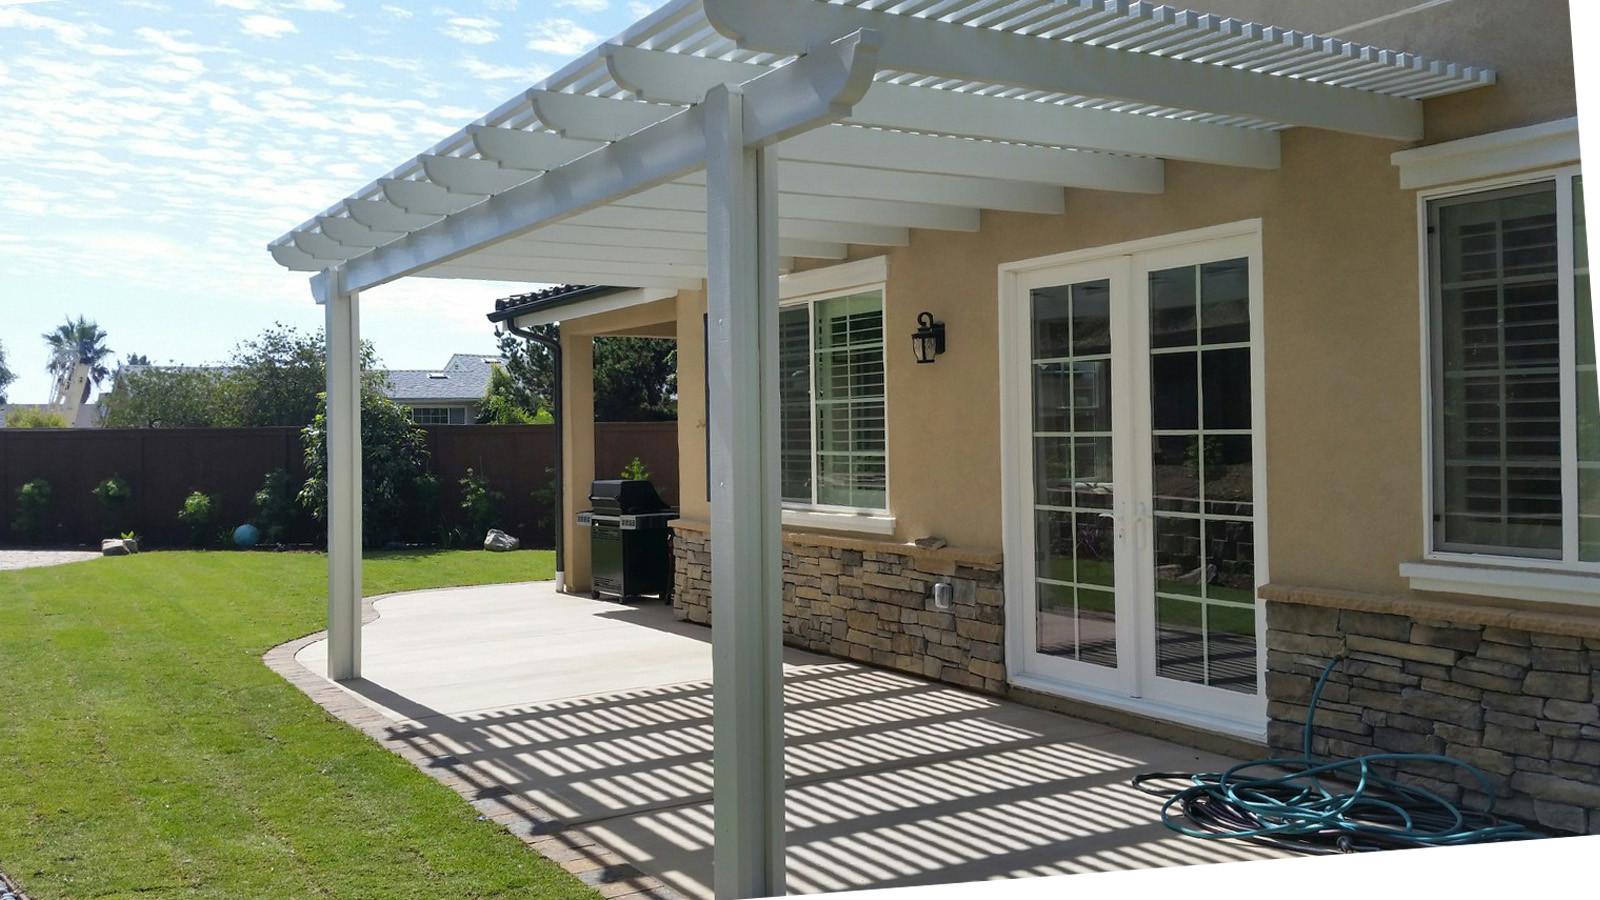 Aluminum Patio Cover Over Concrete Patio